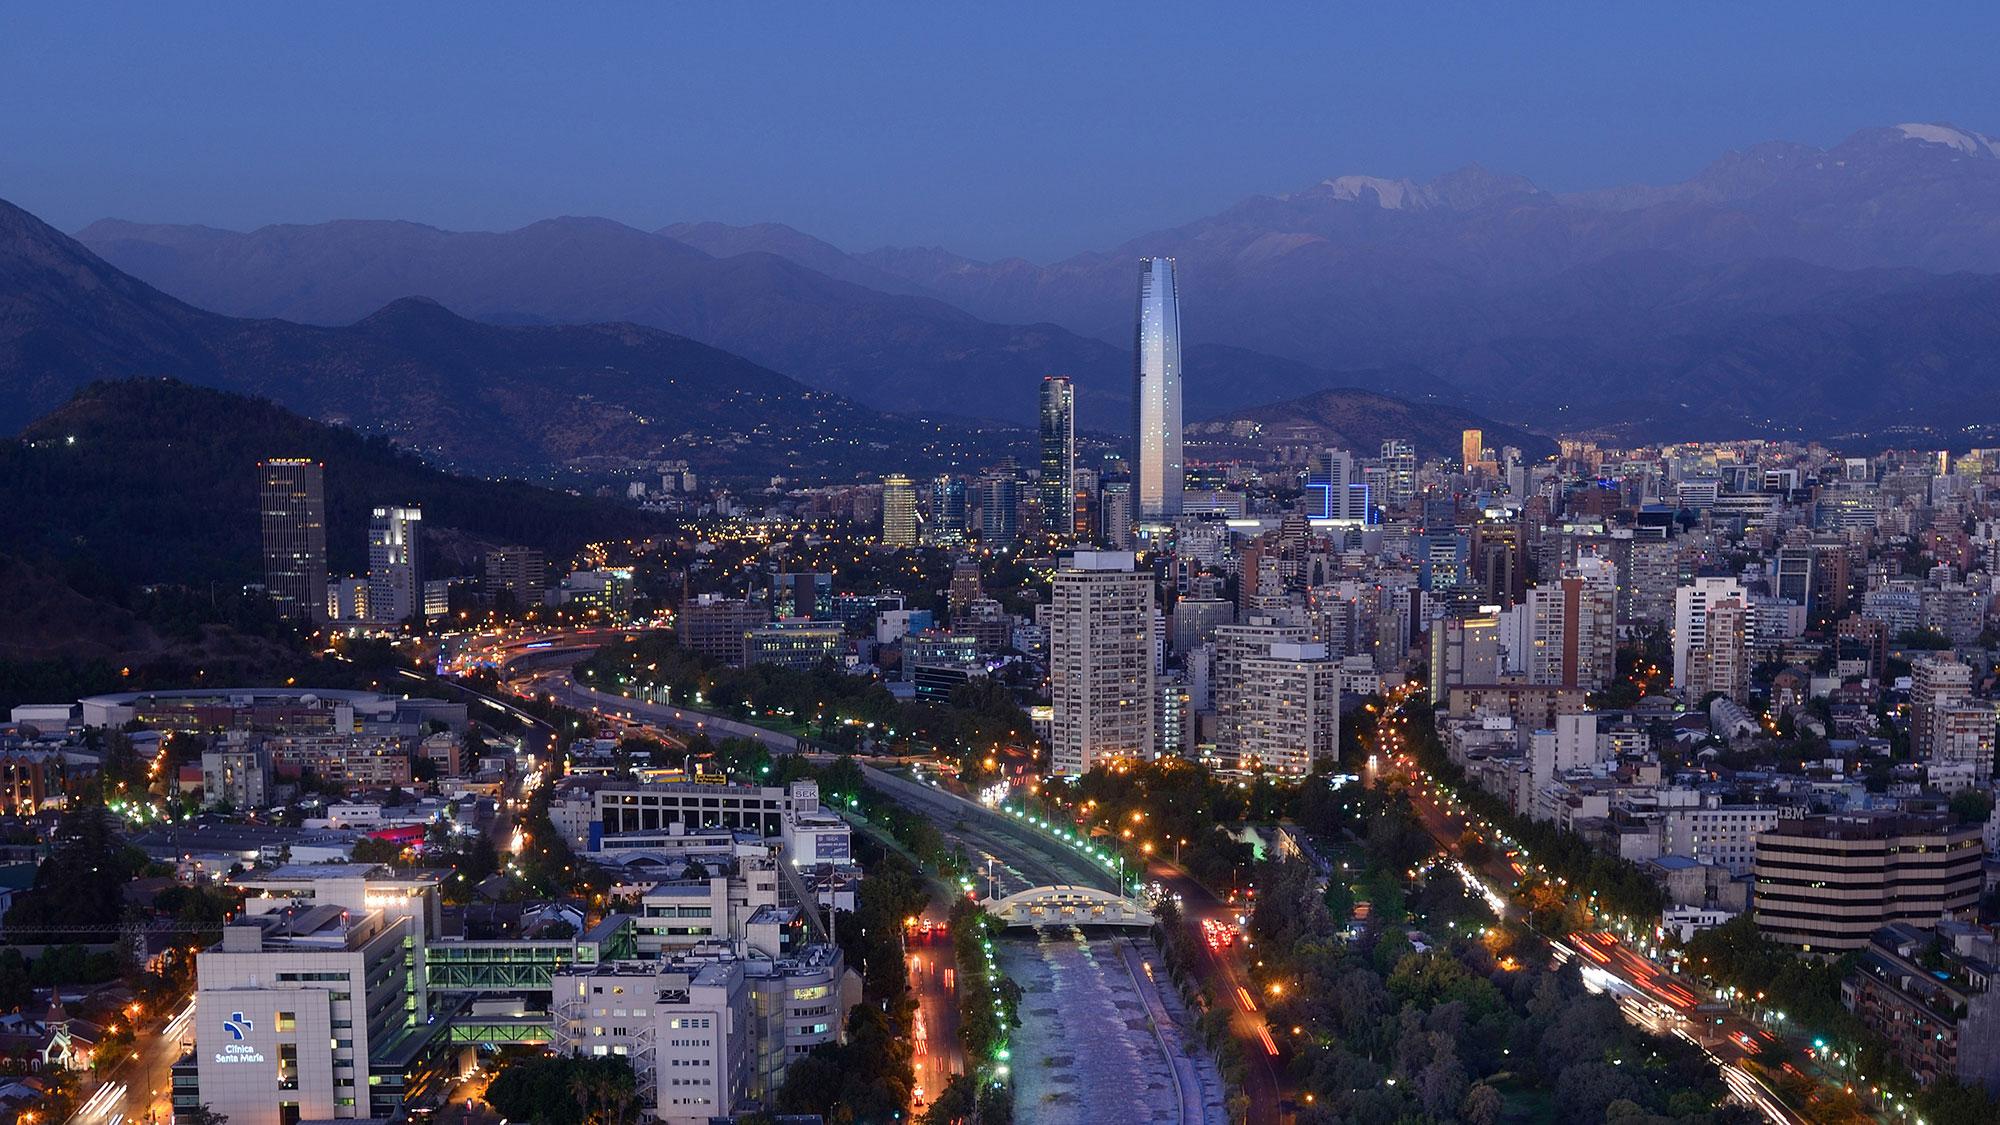 Santiago-Chili-Ville-nuit